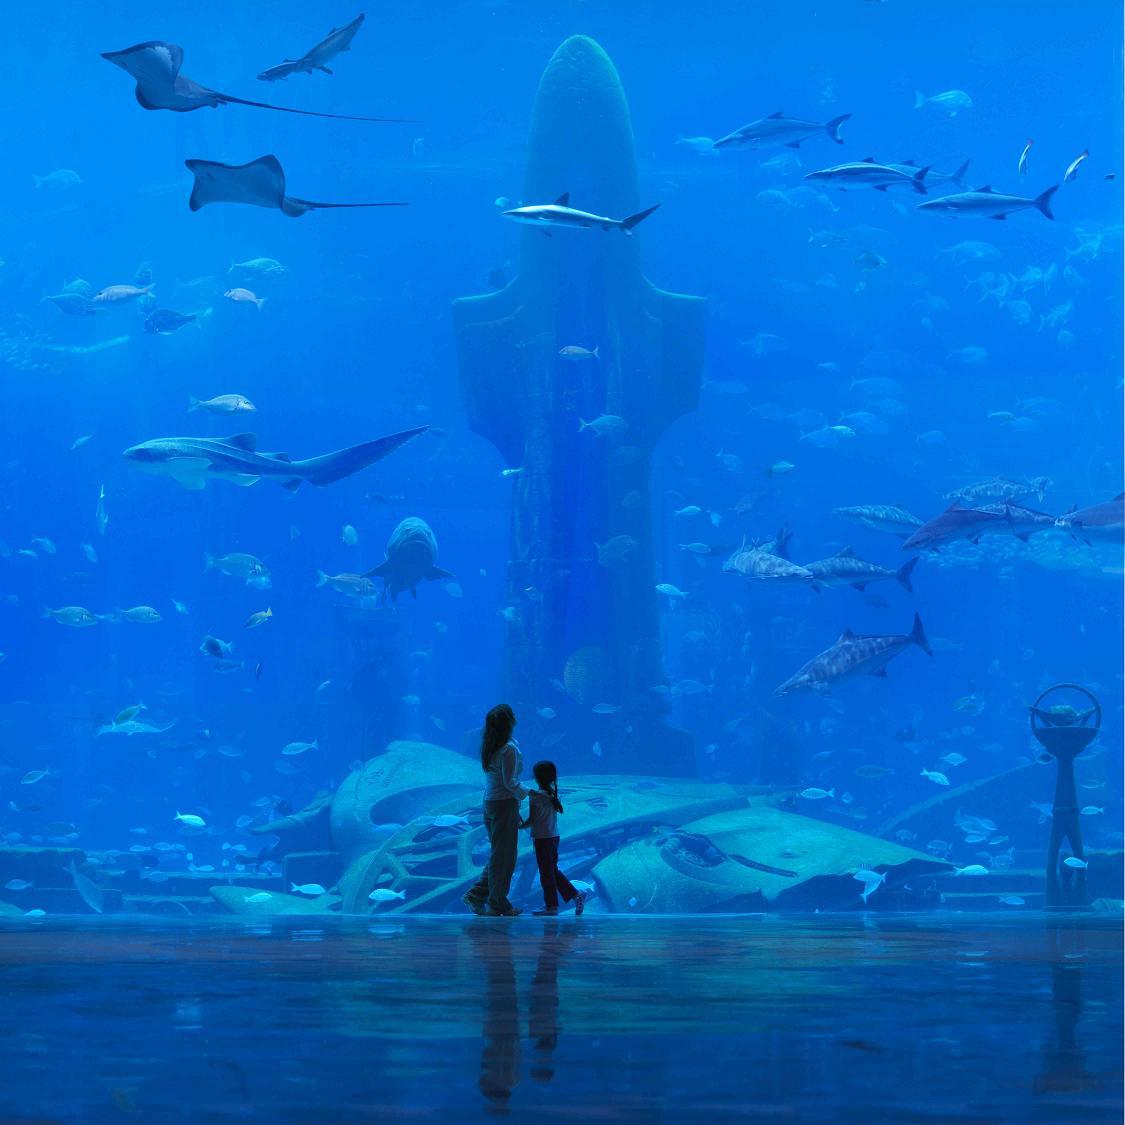 All Graphical: Atlantis (Palm Jumeirah, Dubai, UAE